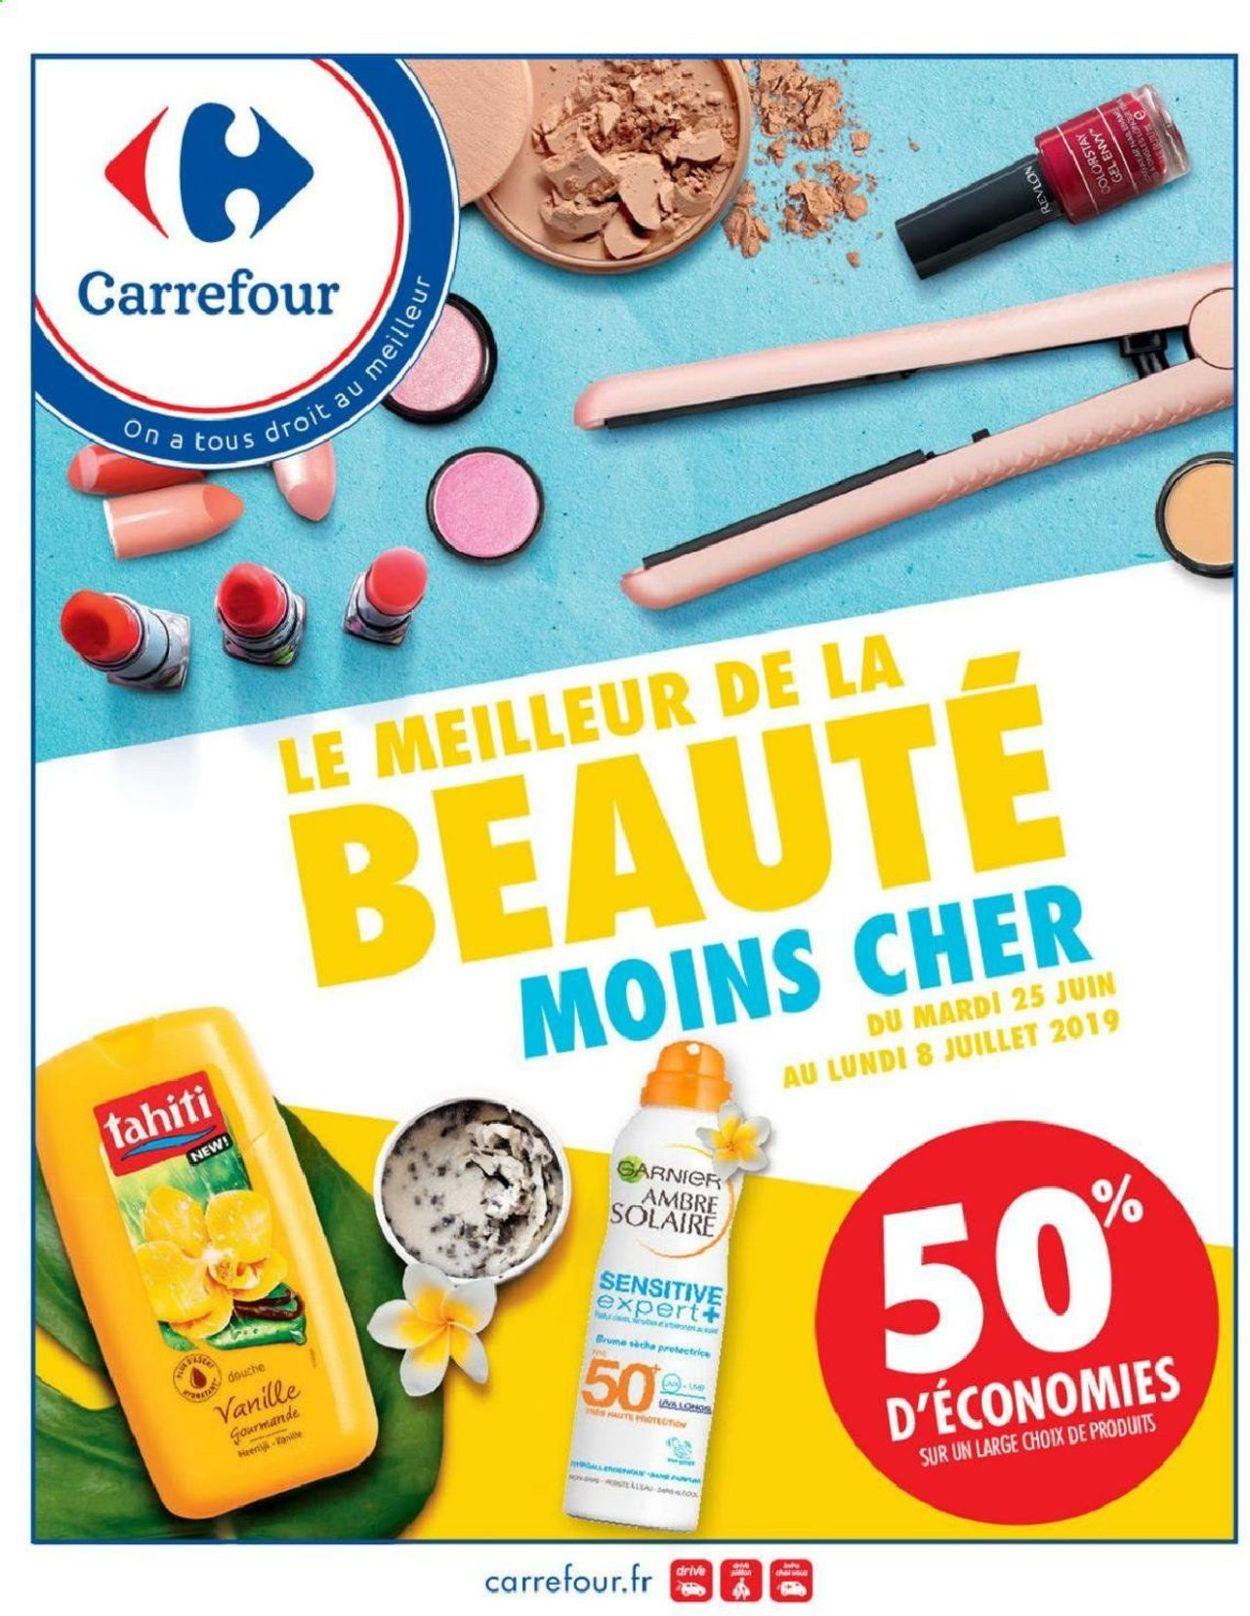 Carrefour Catalogue - 25.06-08.07.2019